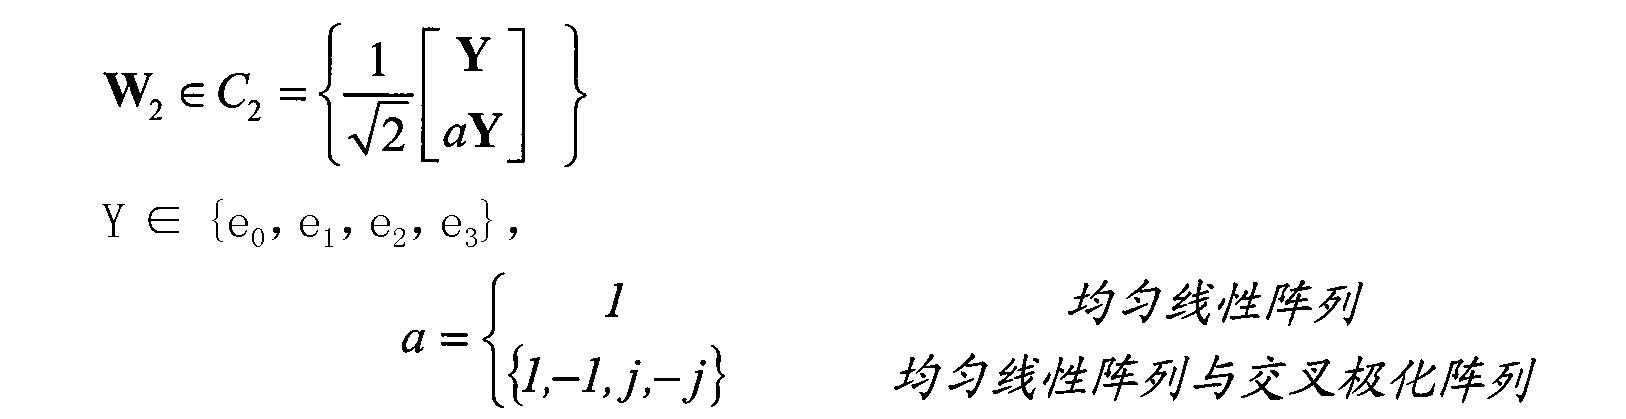 Figure CN102404084BC00033